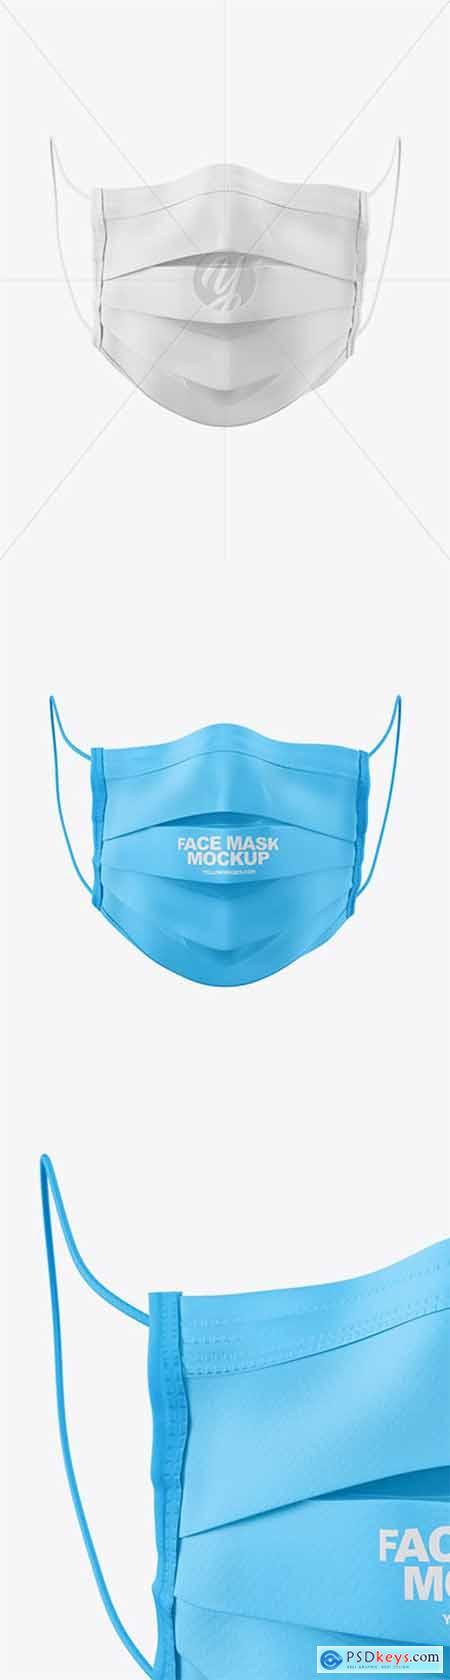 Medical Face Mask Mockup 60647